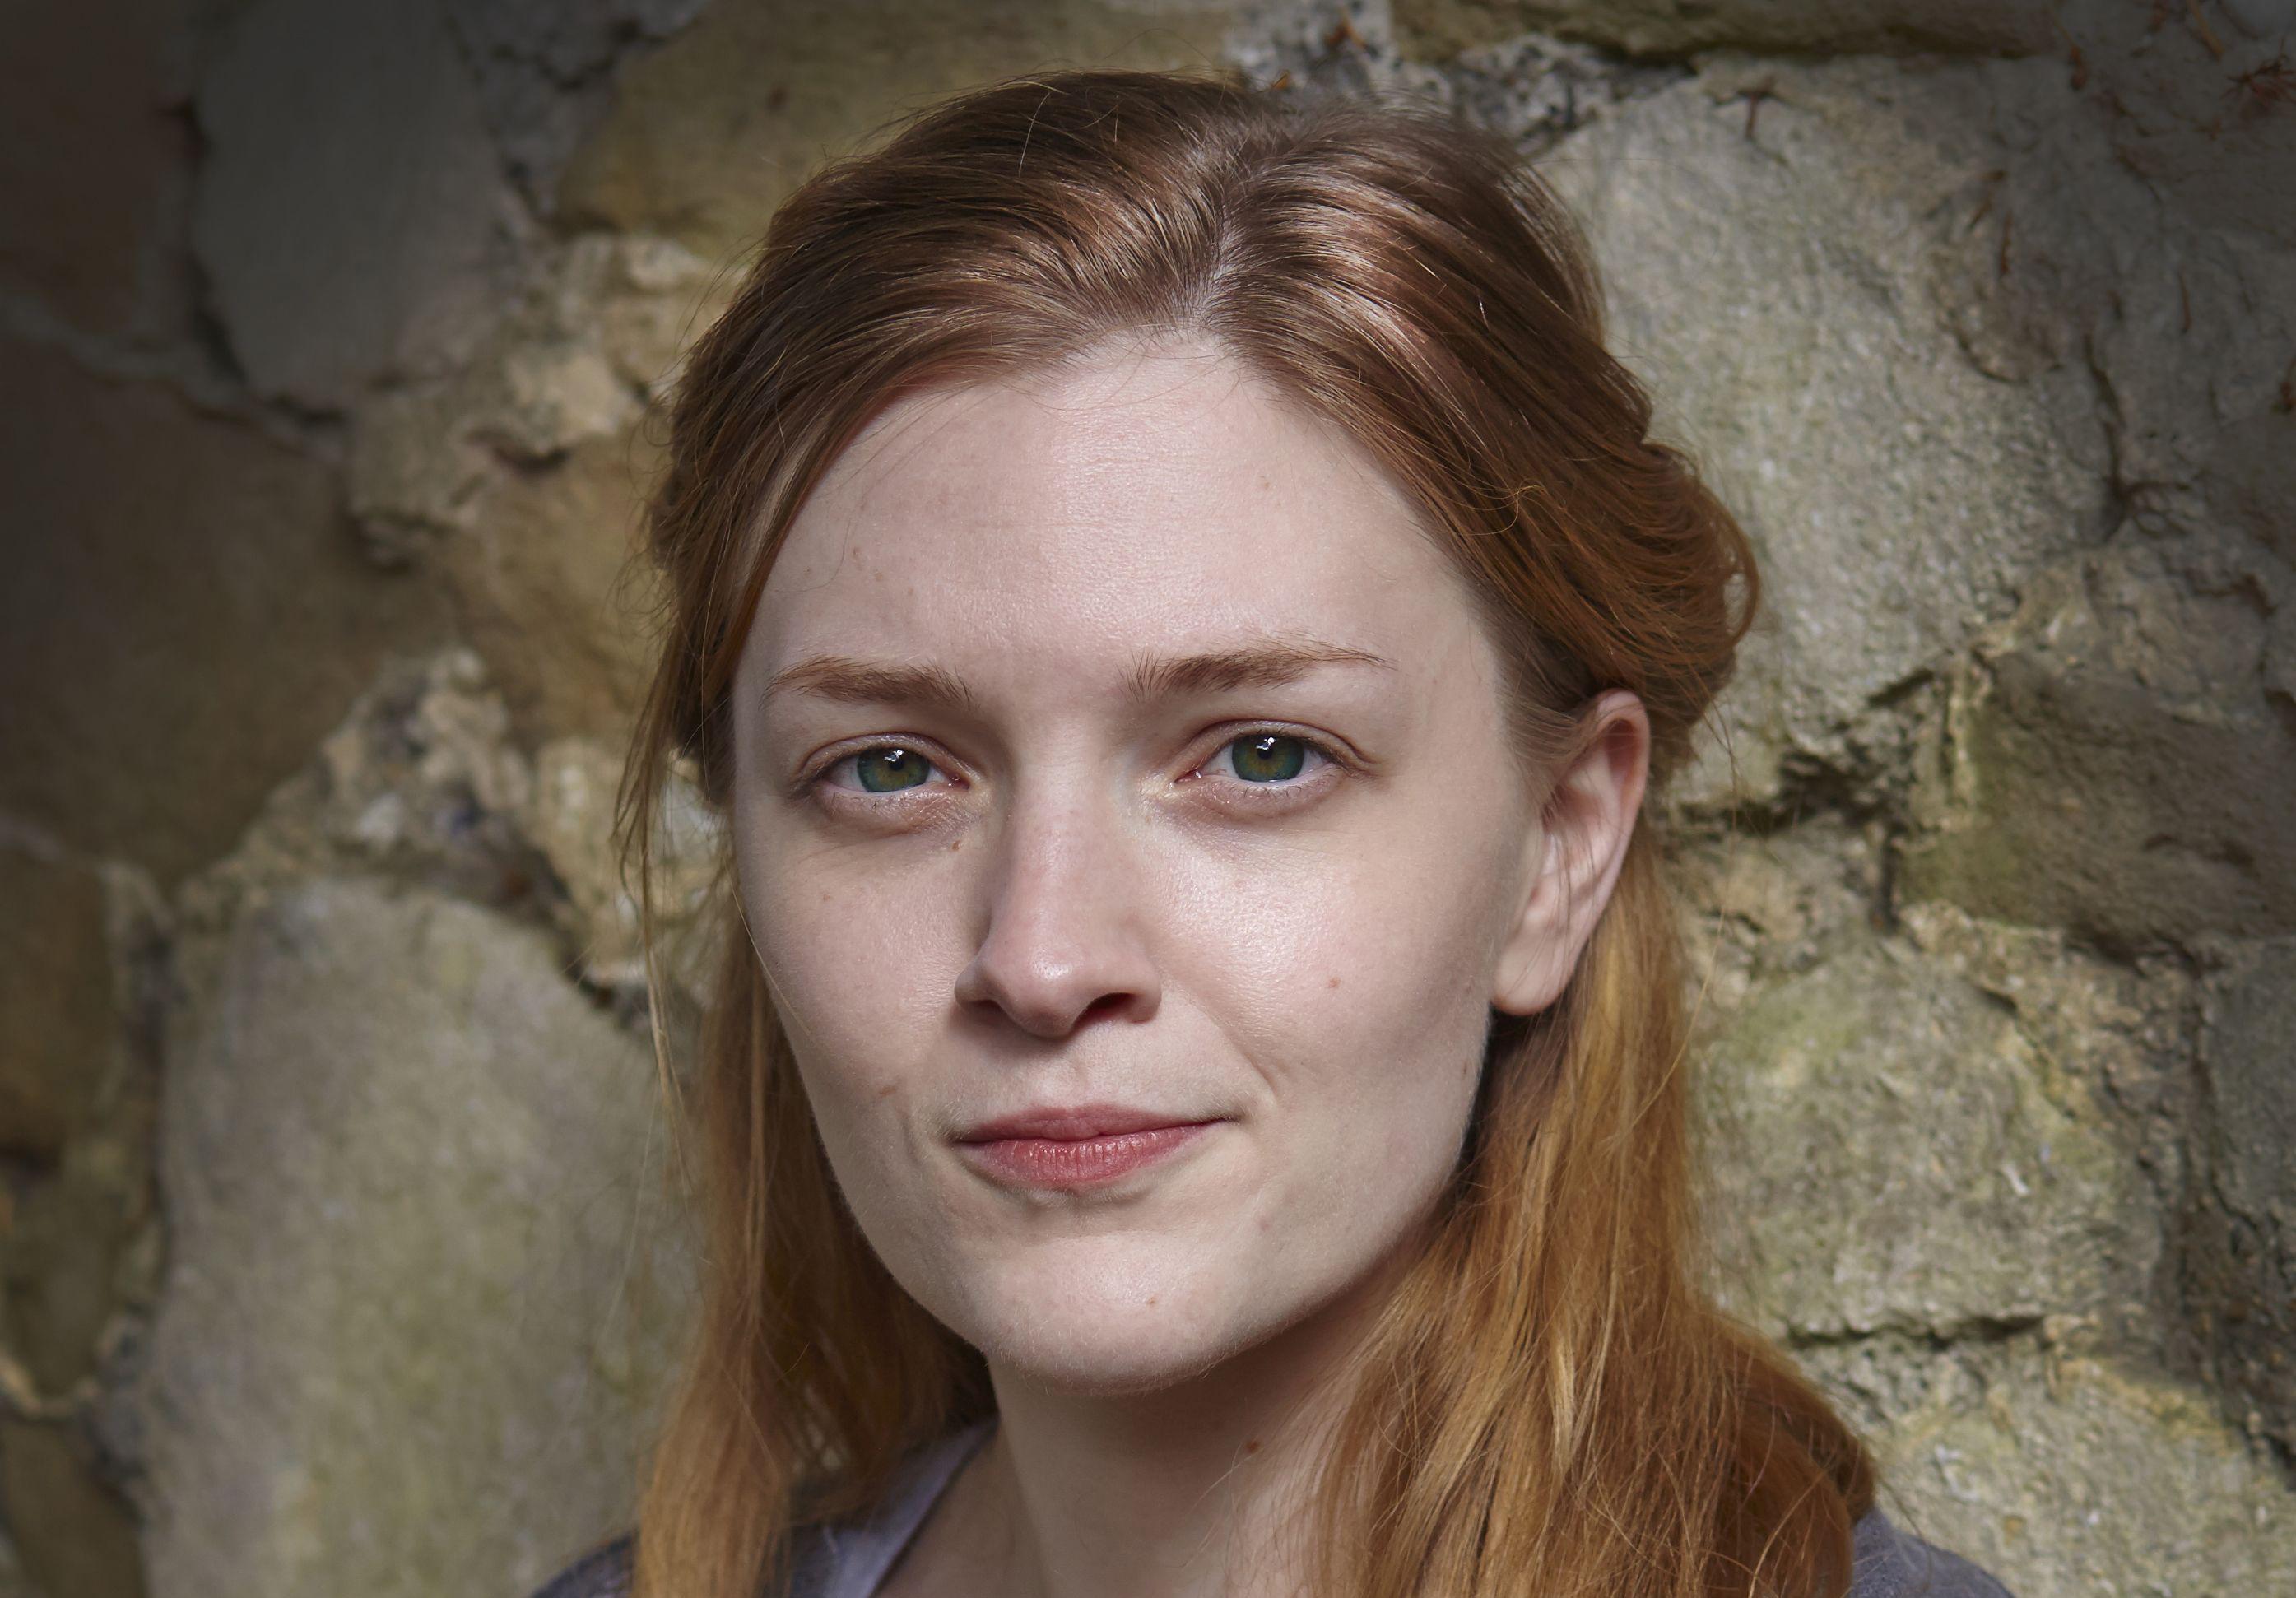 De verdwijning van de horlogemaker - Natasha Pulley (webcam)